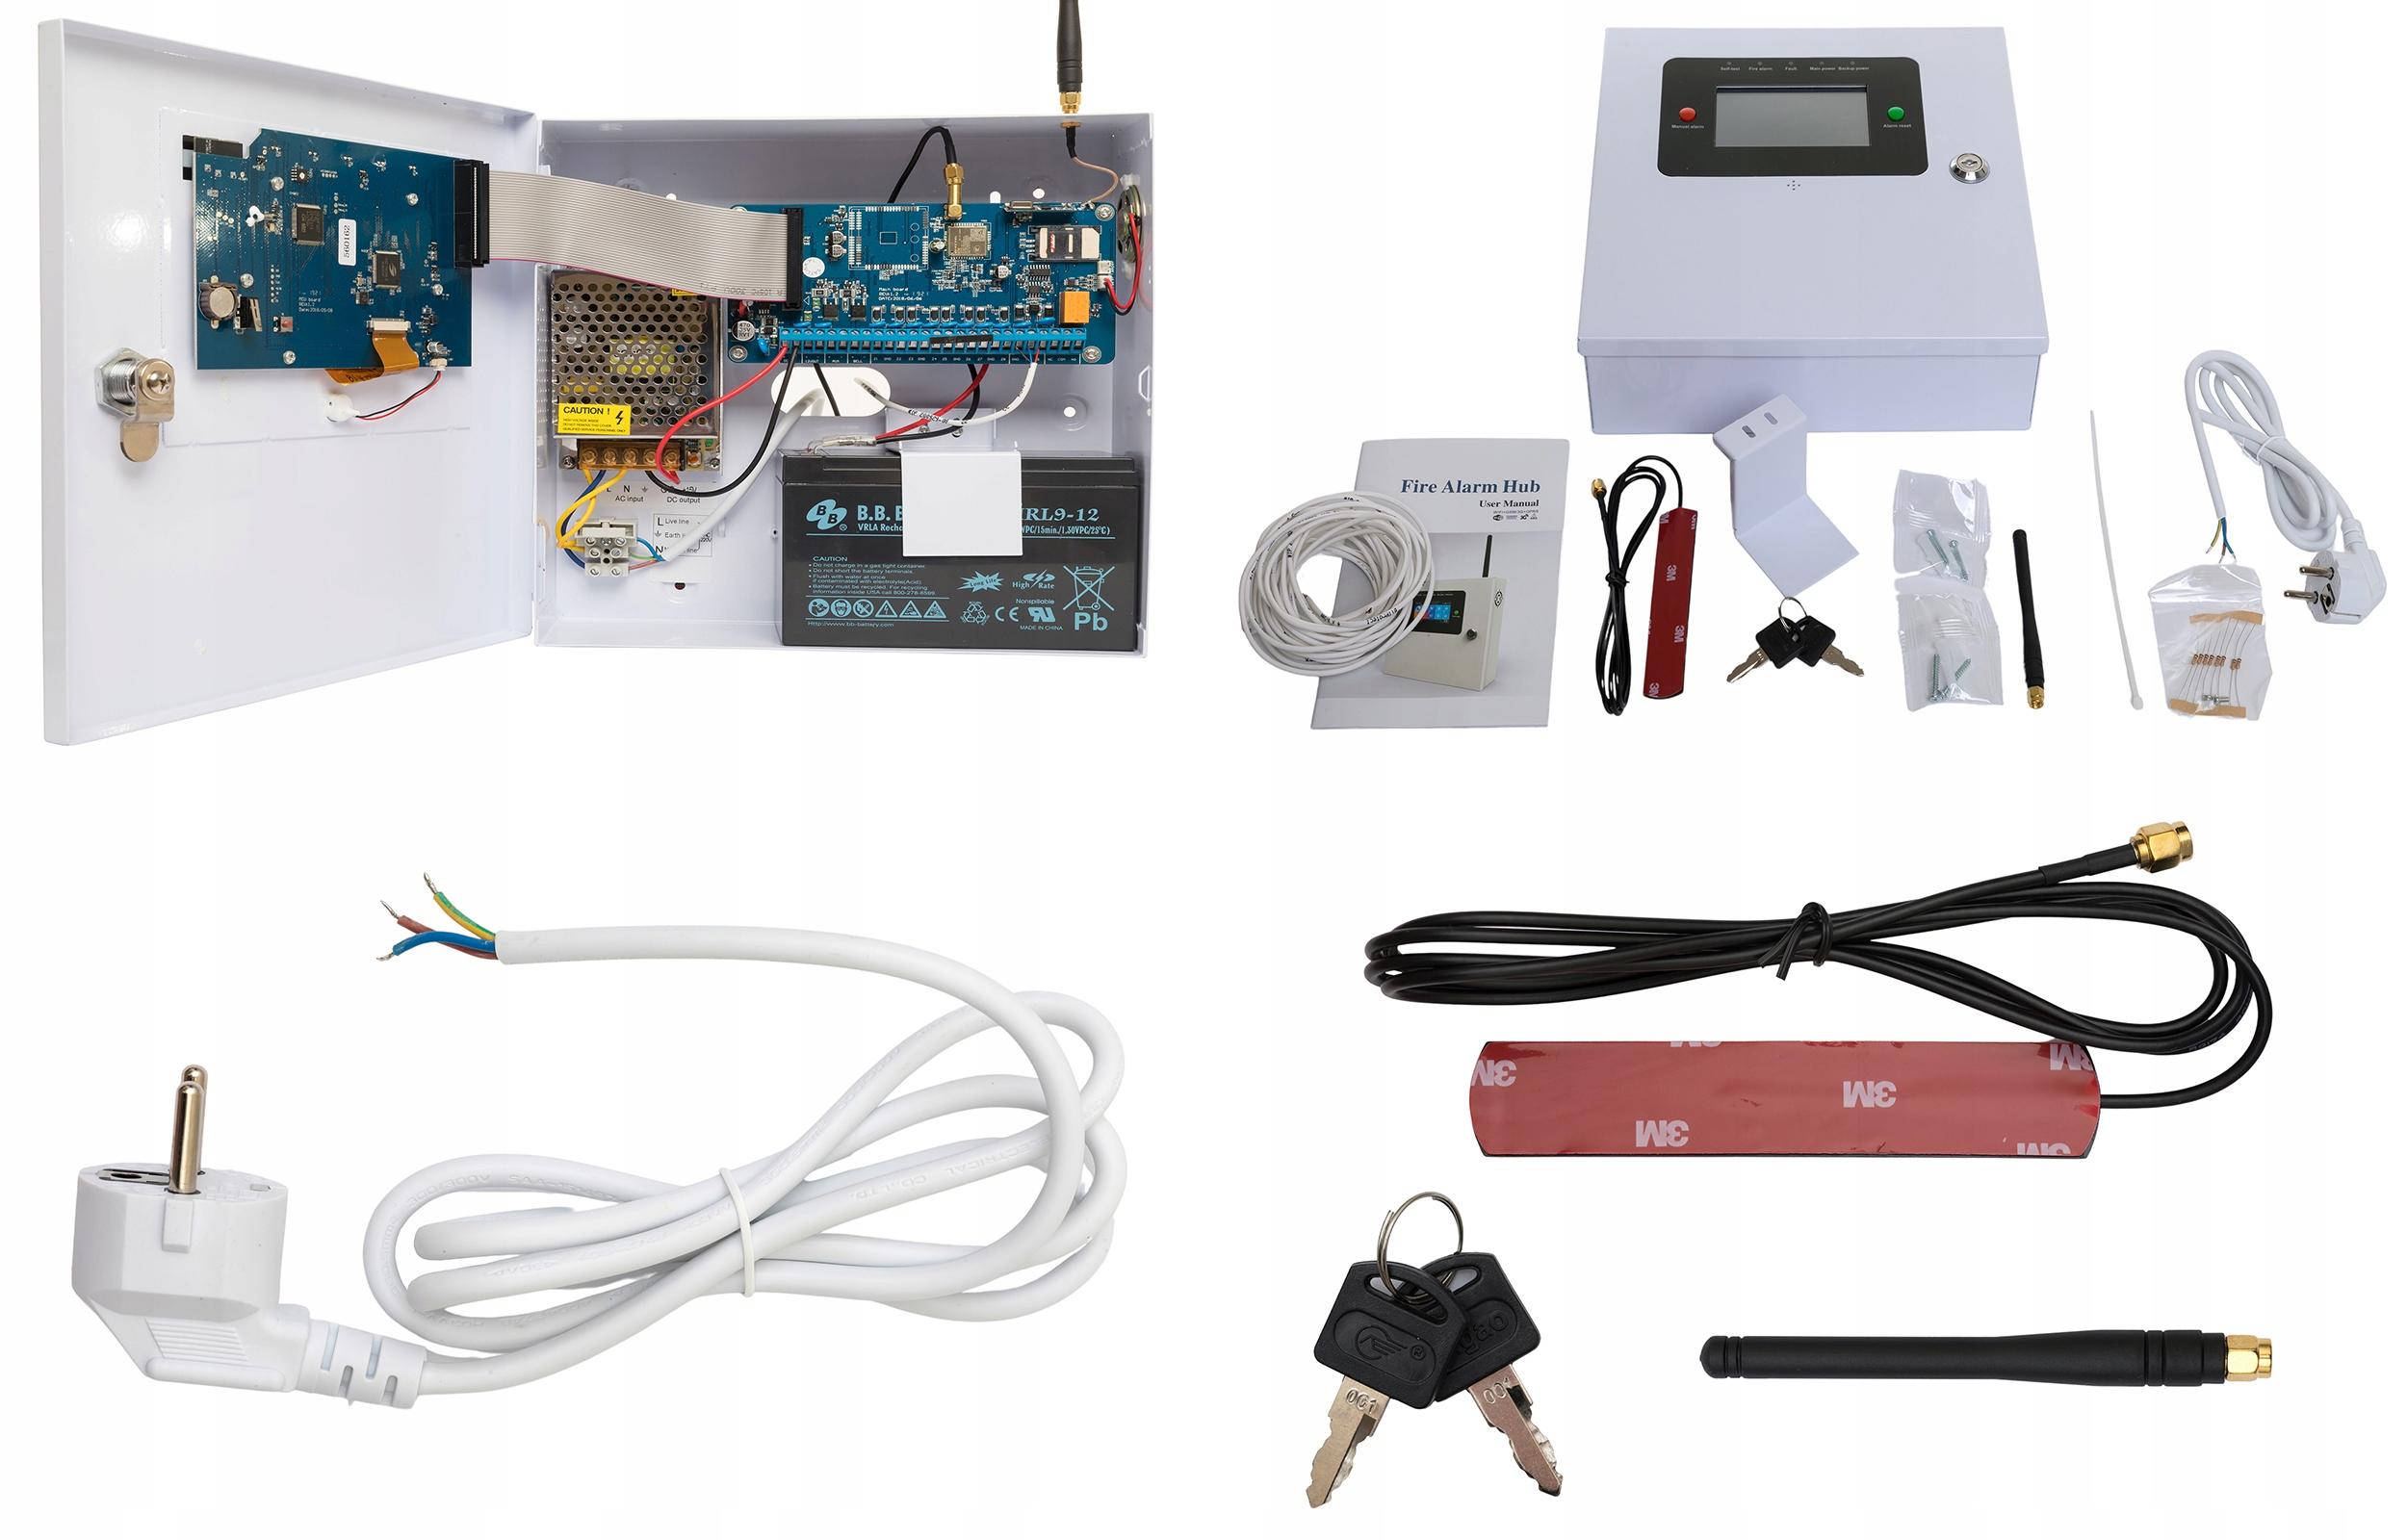 PRZEWODOWY ALARM LCD GSM APP SYRENY WIFI POLSKI Waga produktu z opakowaniem jednostkowym 1 kg